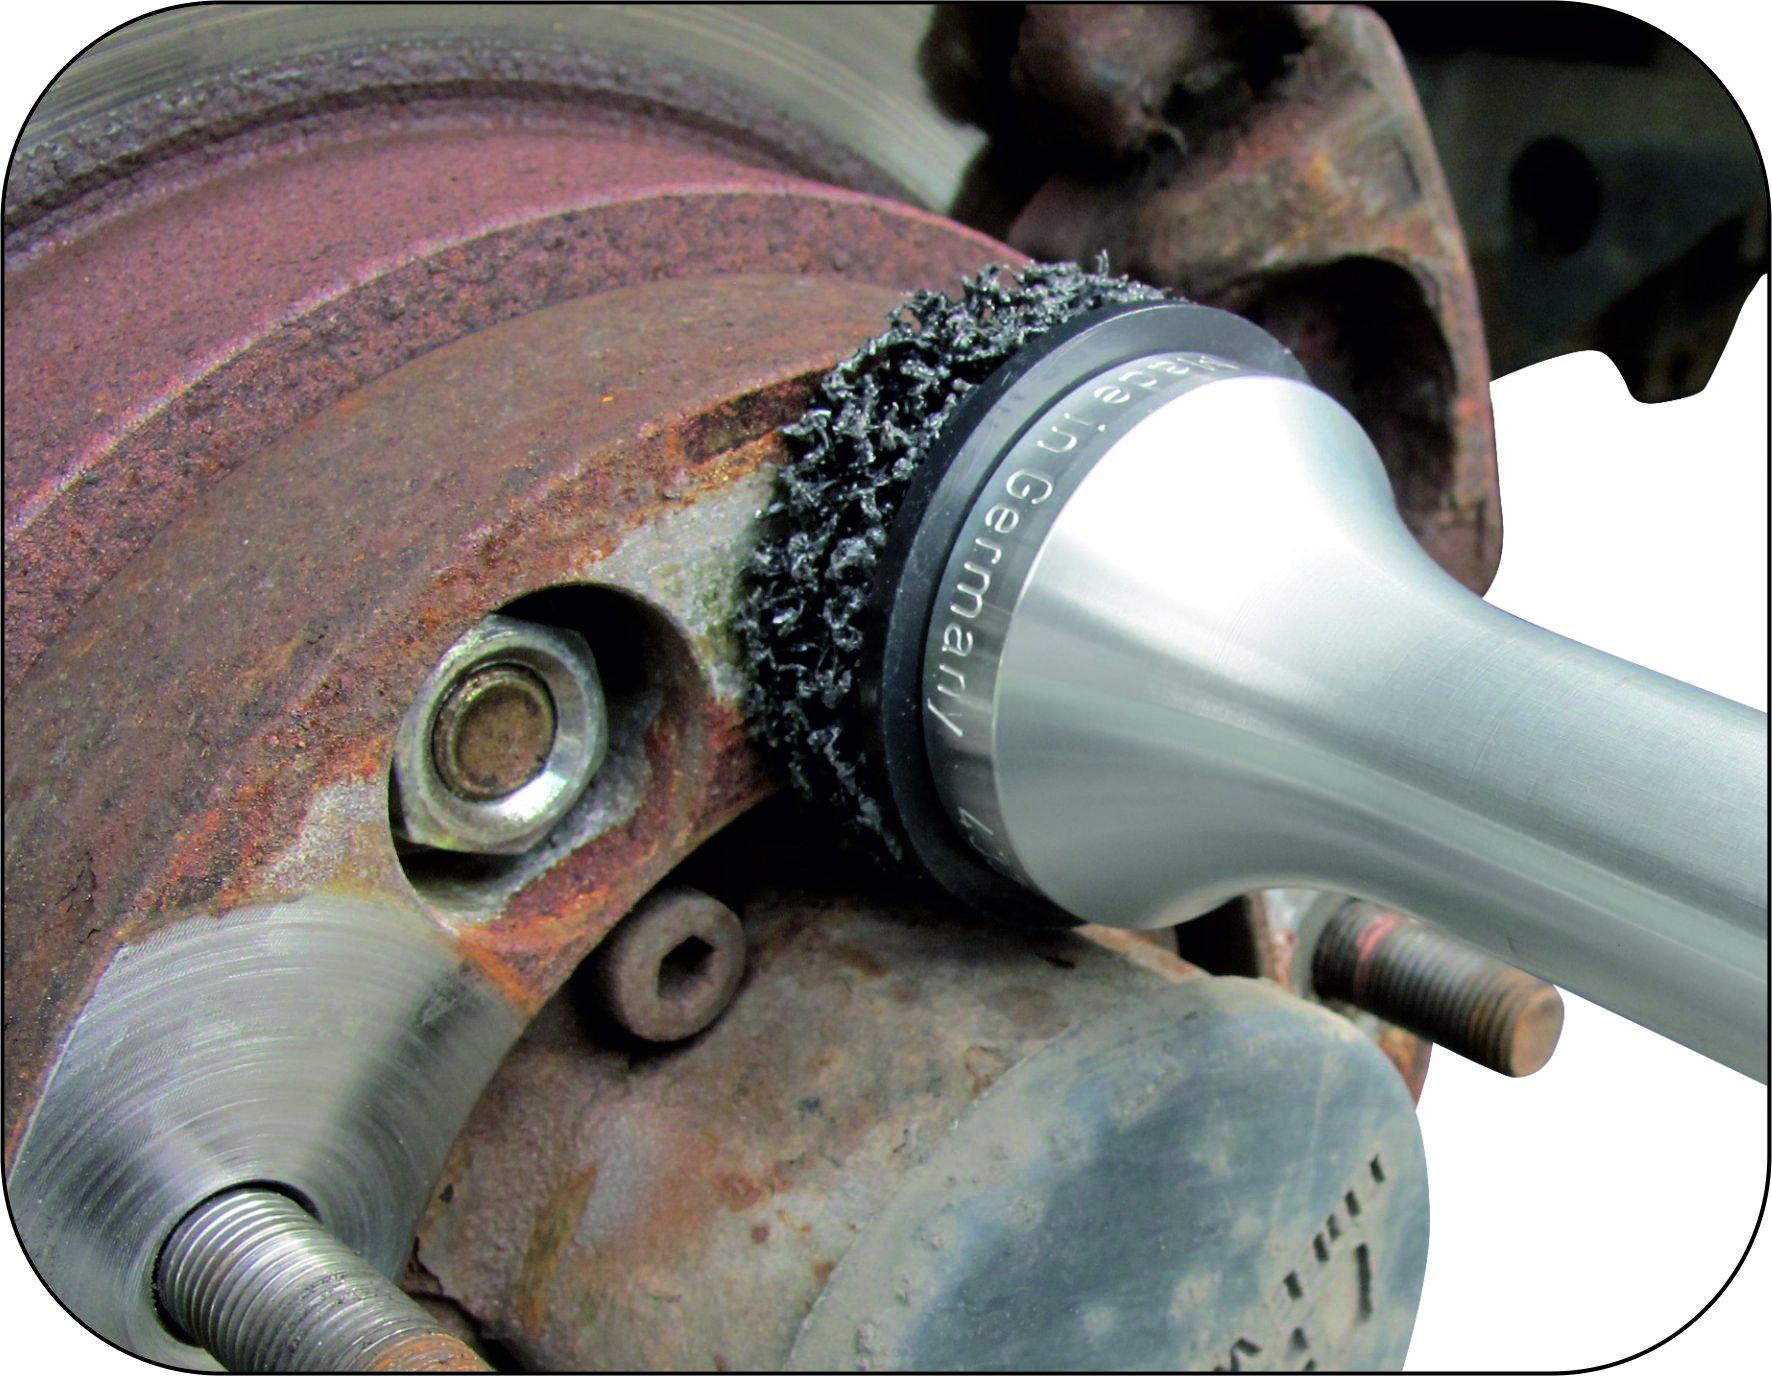 Mueller-Kueps 433 618 Aluminum Type 2 Wheel Hub Grinder by Mueller-Kueps (Image #3)